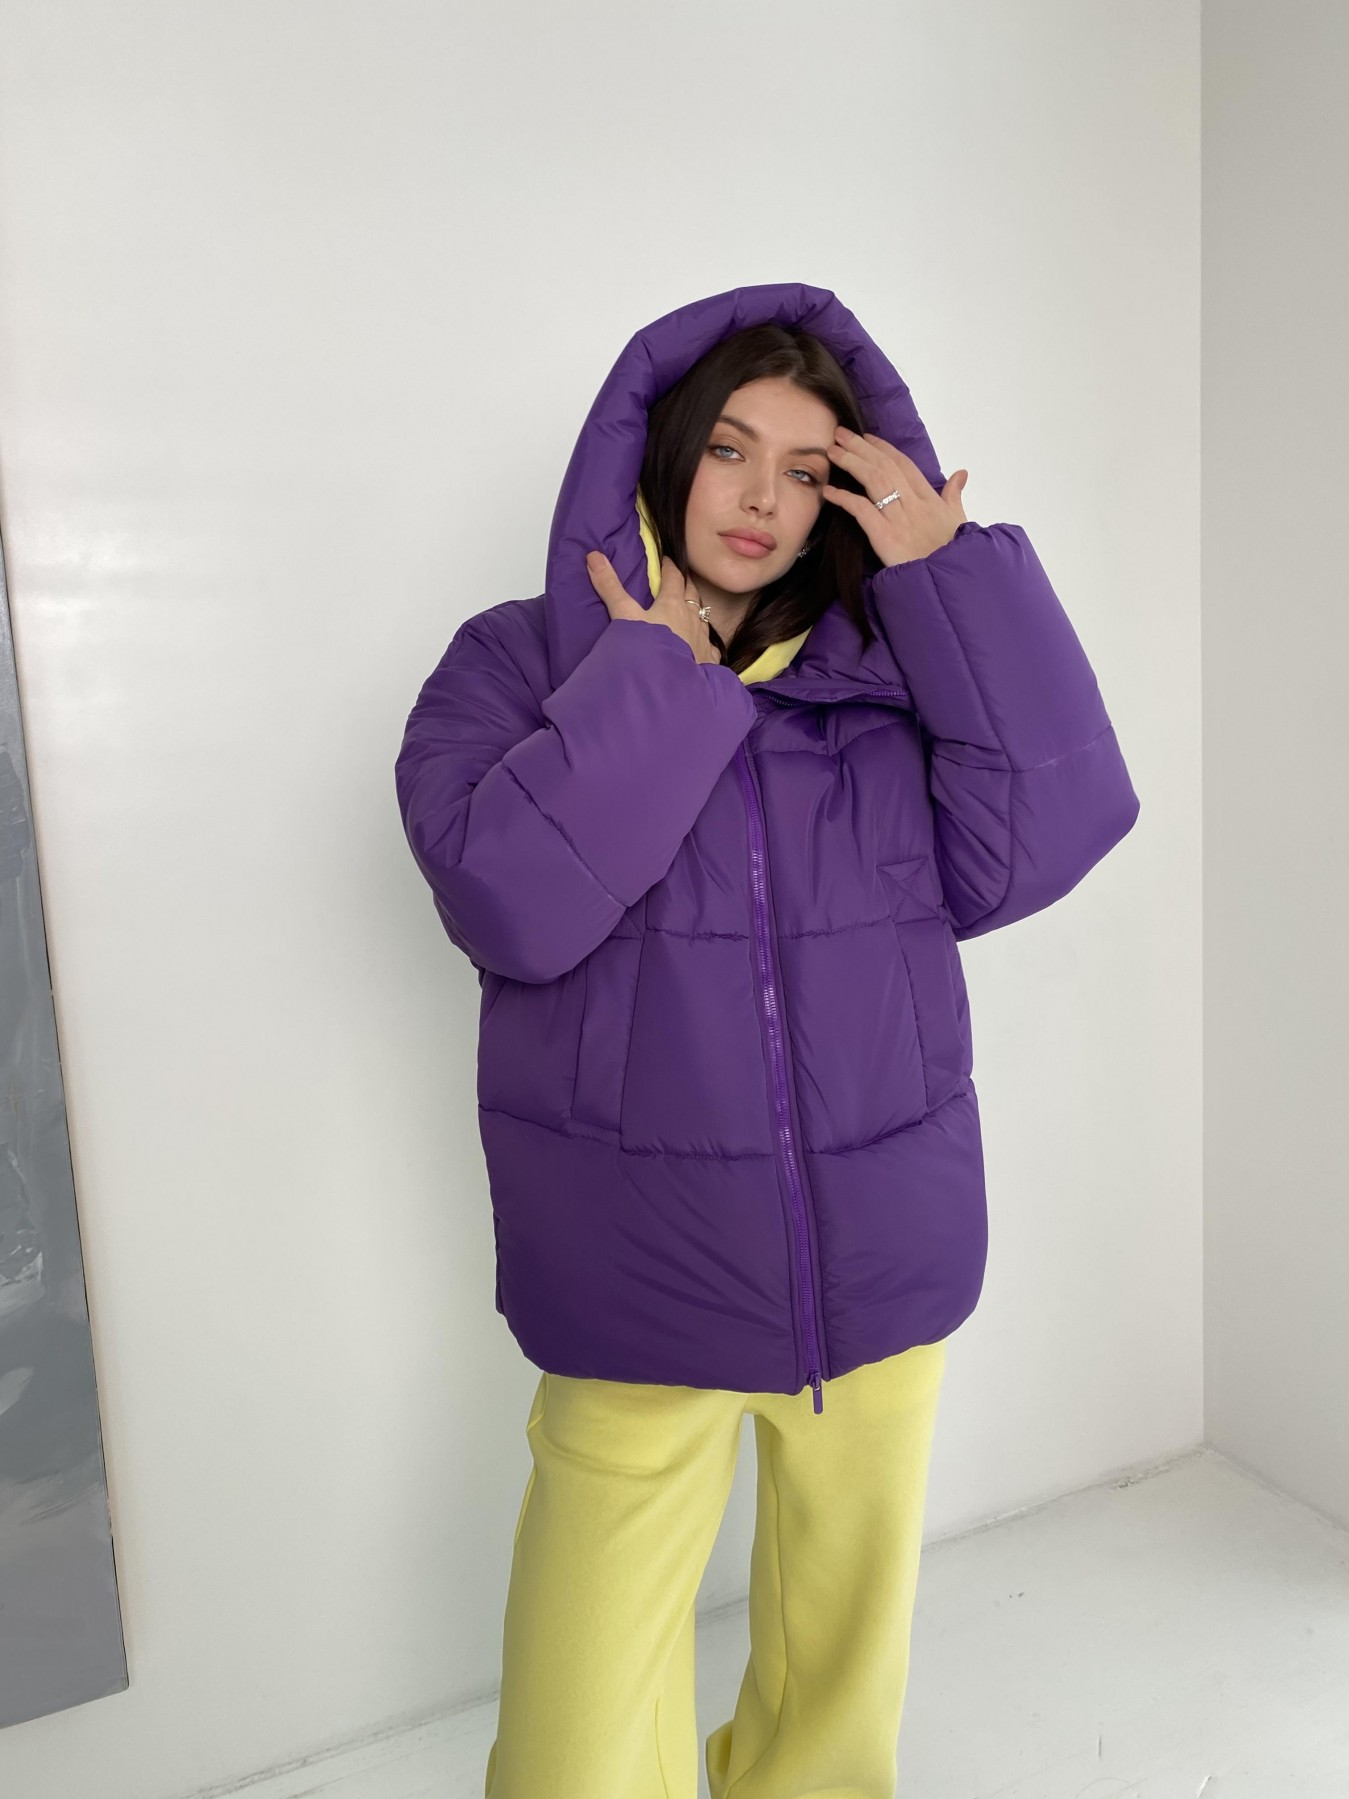 Овертайм  теплый пуховик из плащевой ткани 10243 АРТ. 47045 Цвет: Сиреневый 861 - фото 7, интернет магазин tm-modus.ru